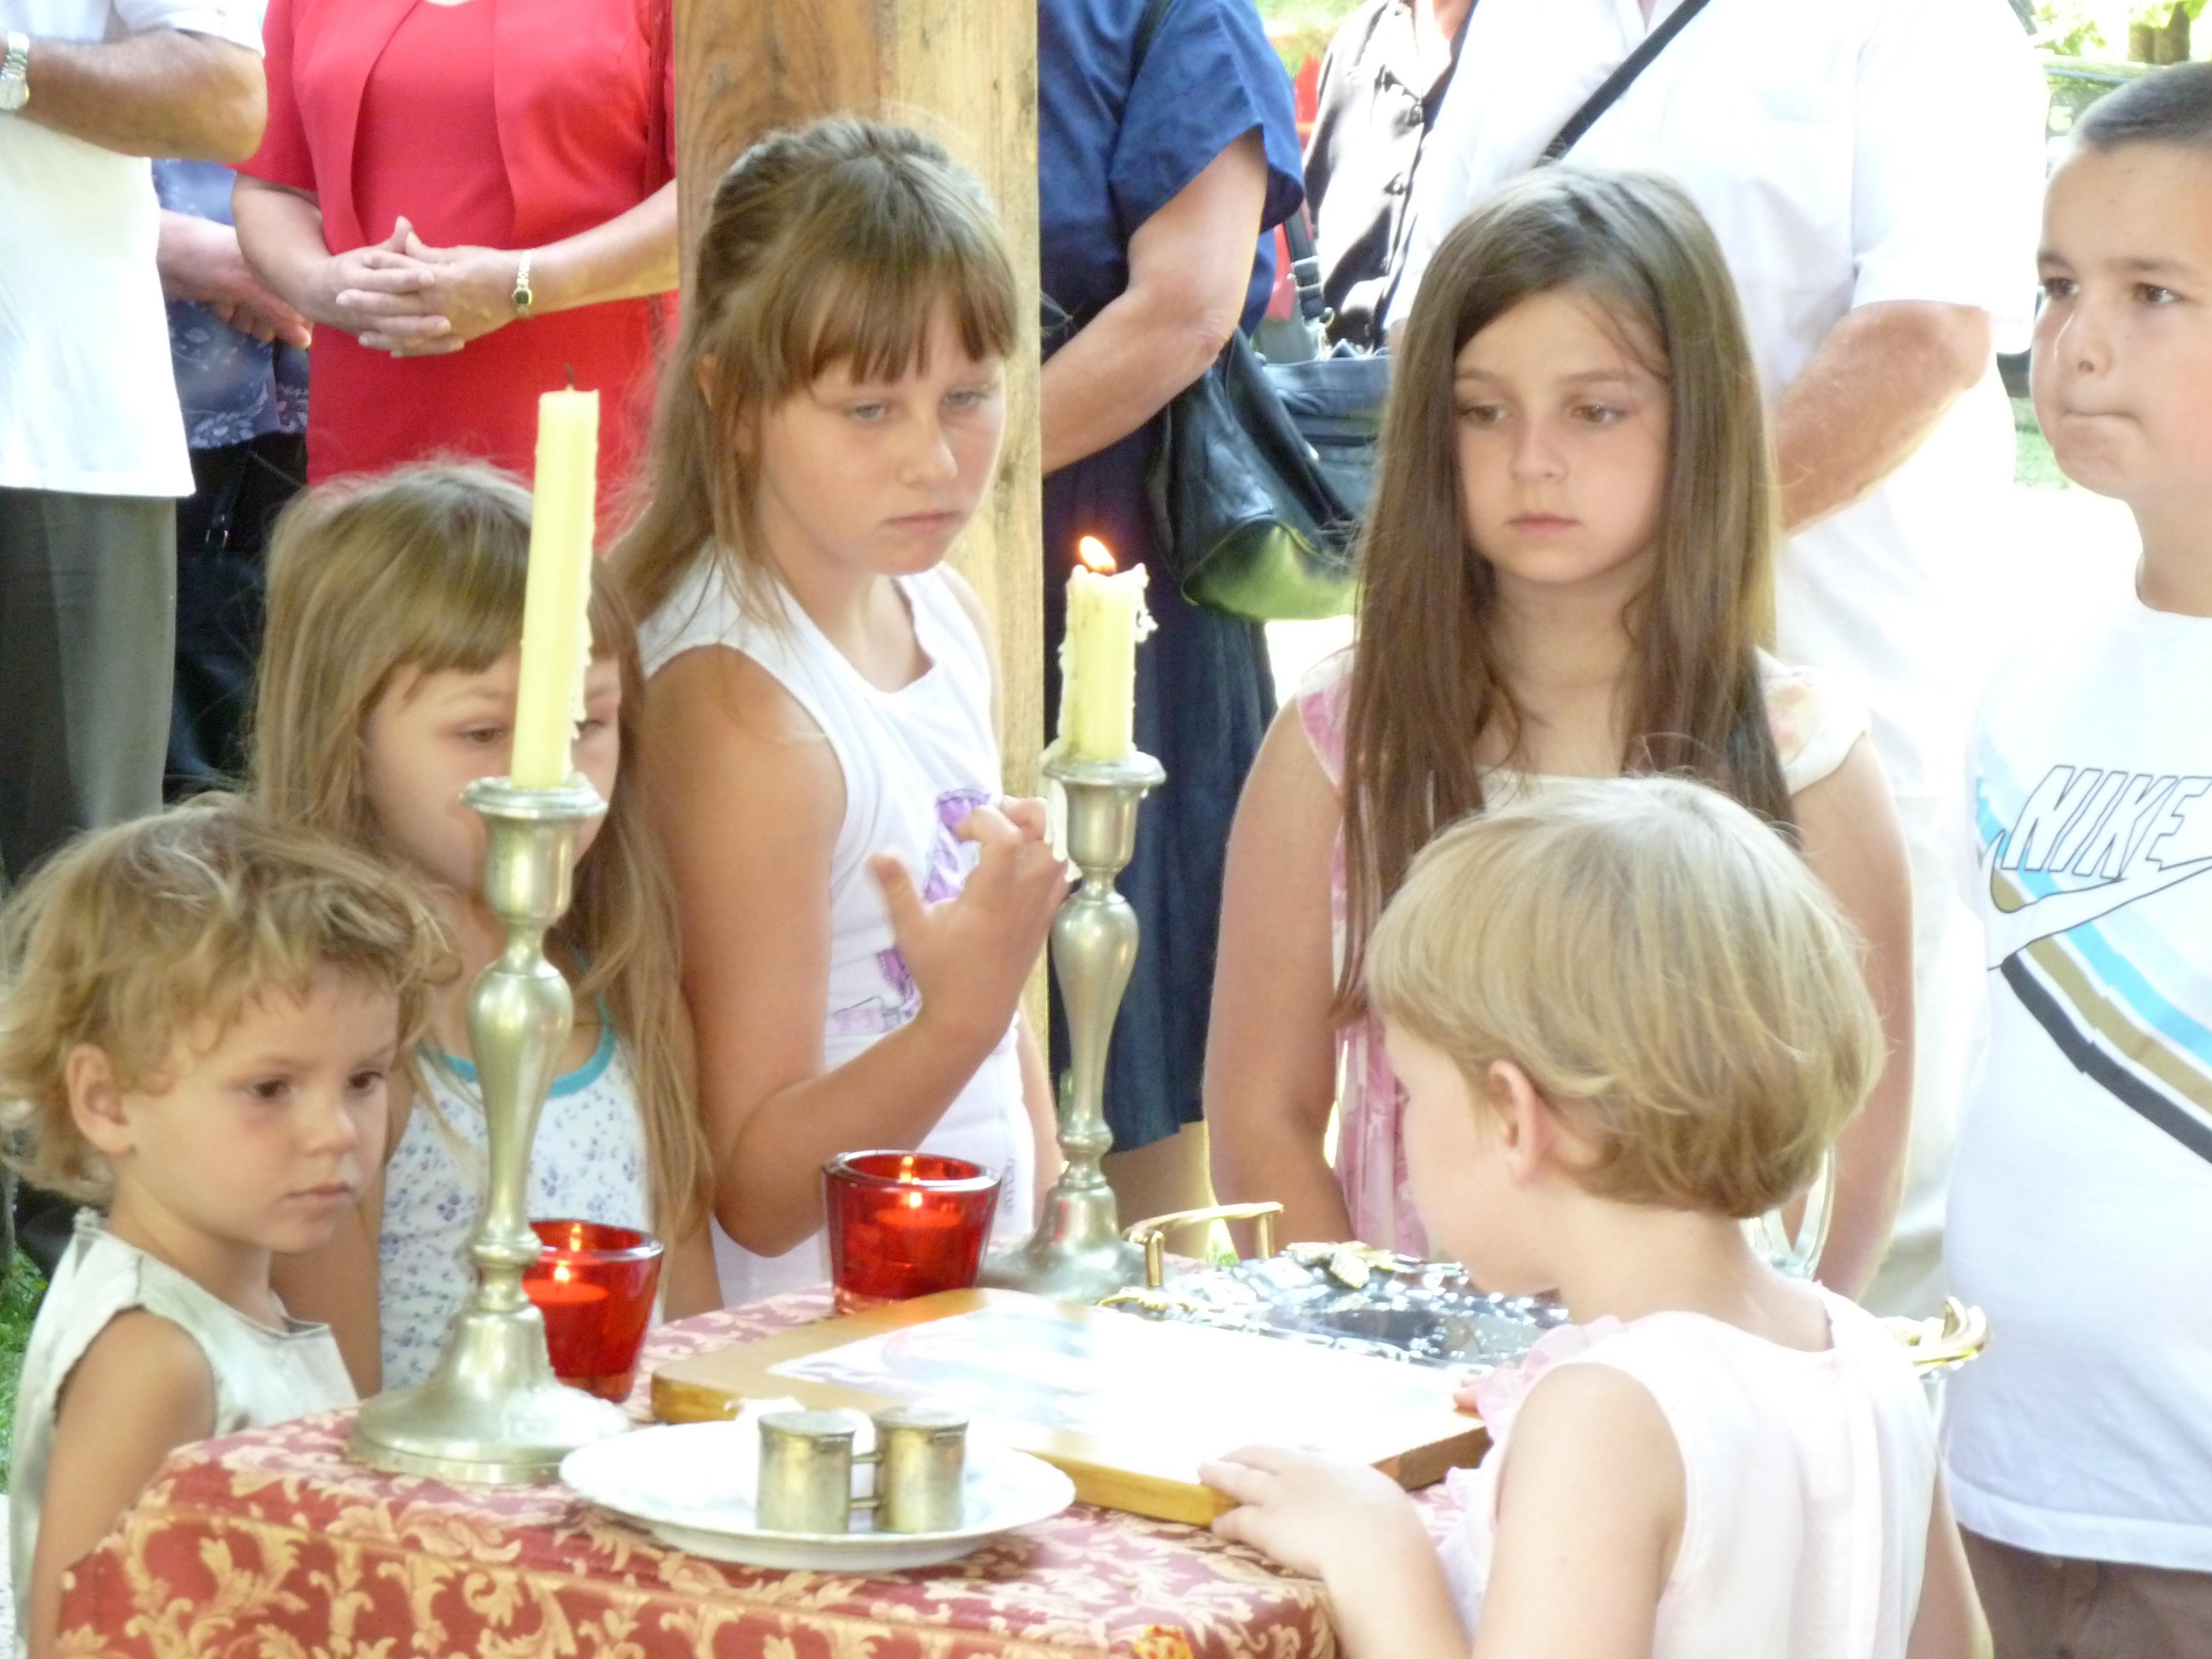 Roditelji imaju odgovornost uputiti djecu na grkokatolički vjeronauk